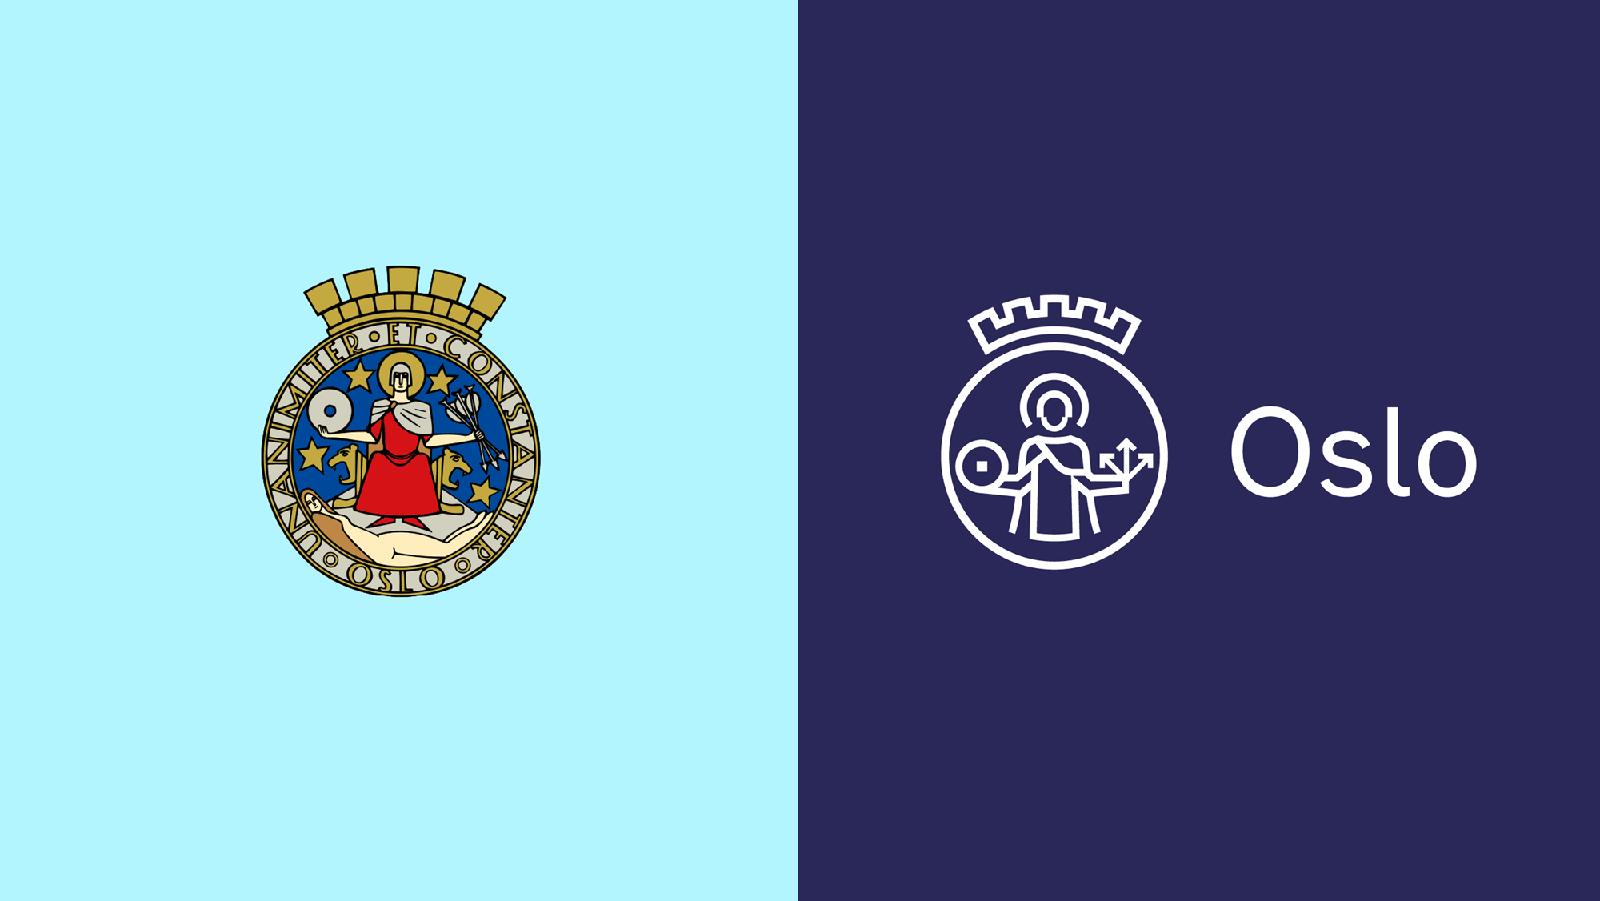 挪威Oslo奥斯陆城市更新全新的品牌logo和vi形象设计-深圳vi设计2